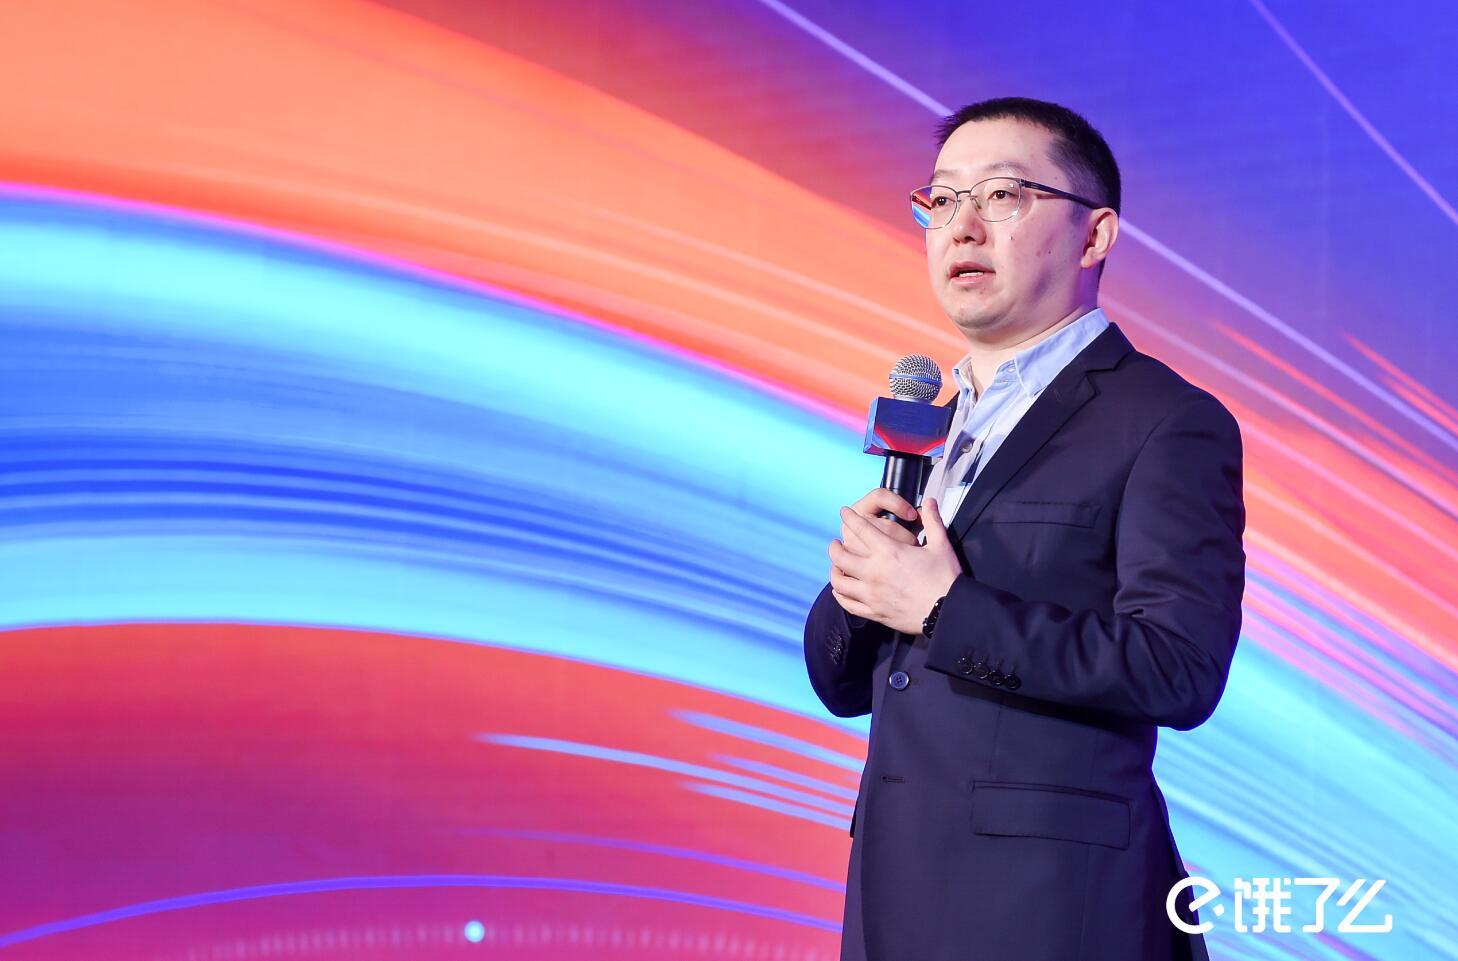 饿了么CEO王磊:饿了么要从送外卖升级到送万物、送服务